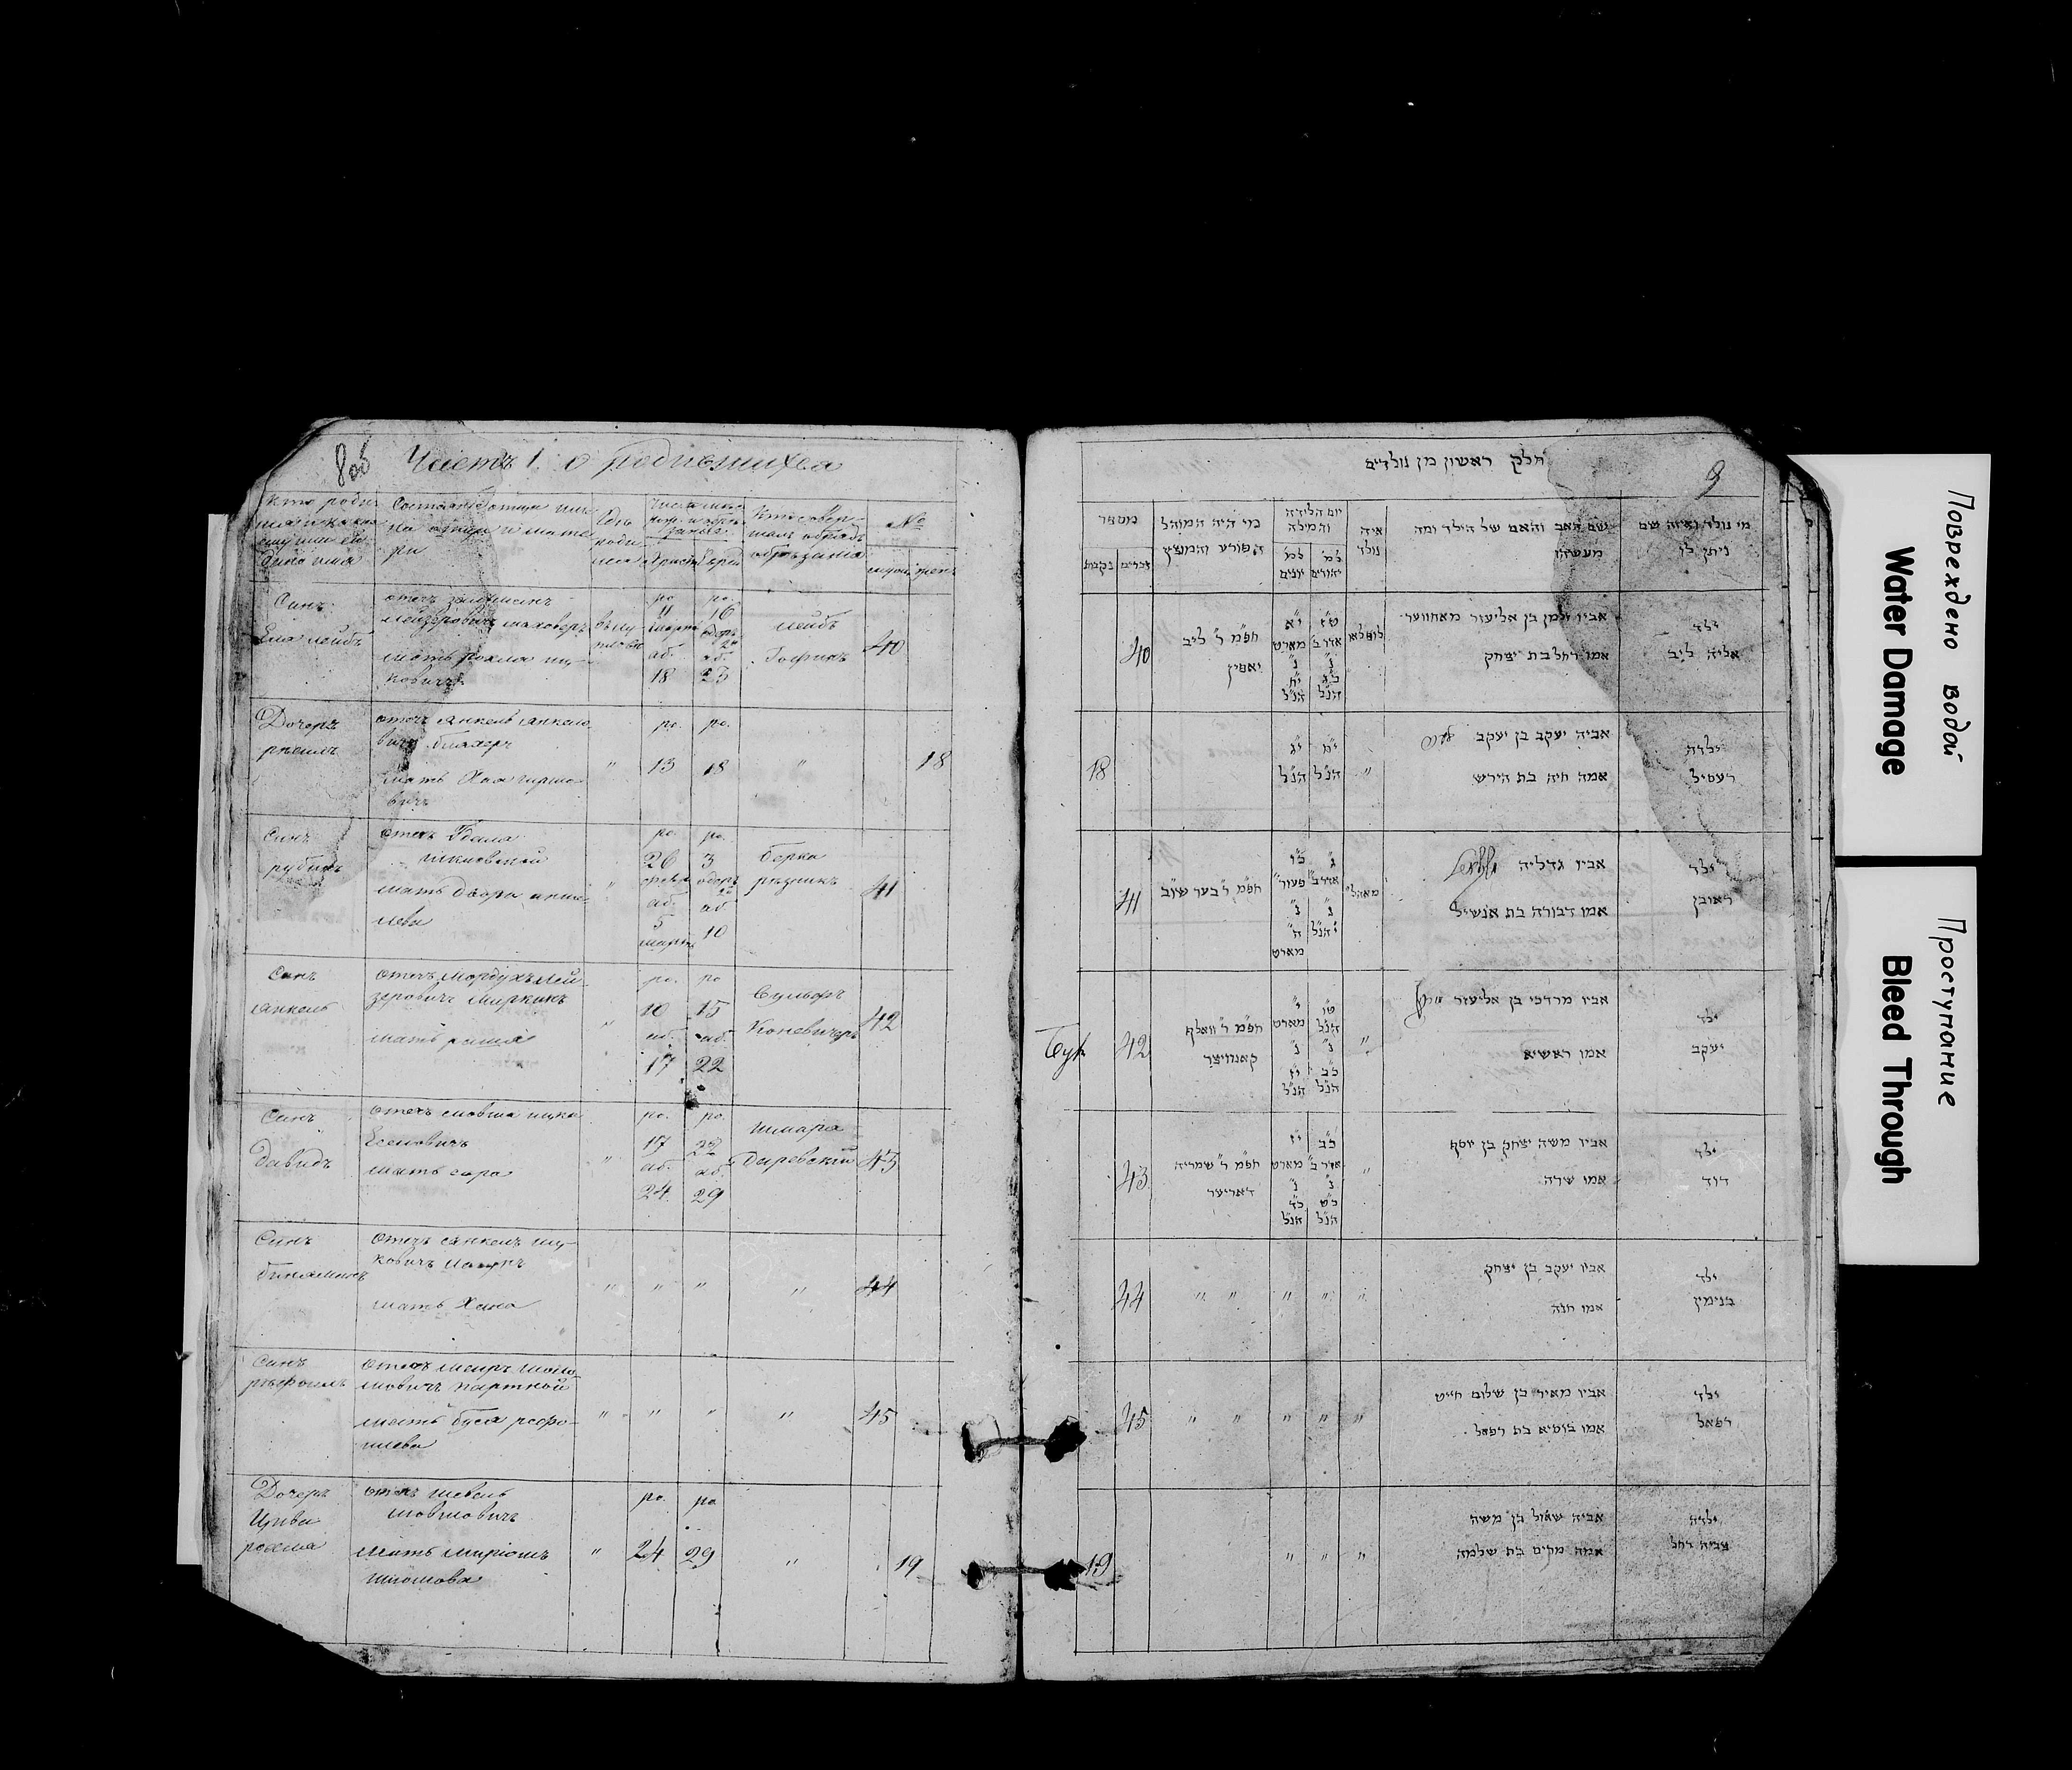 Янкель Миркин 10 марта 1837, запись 42, пленка 007766479, снимок 13